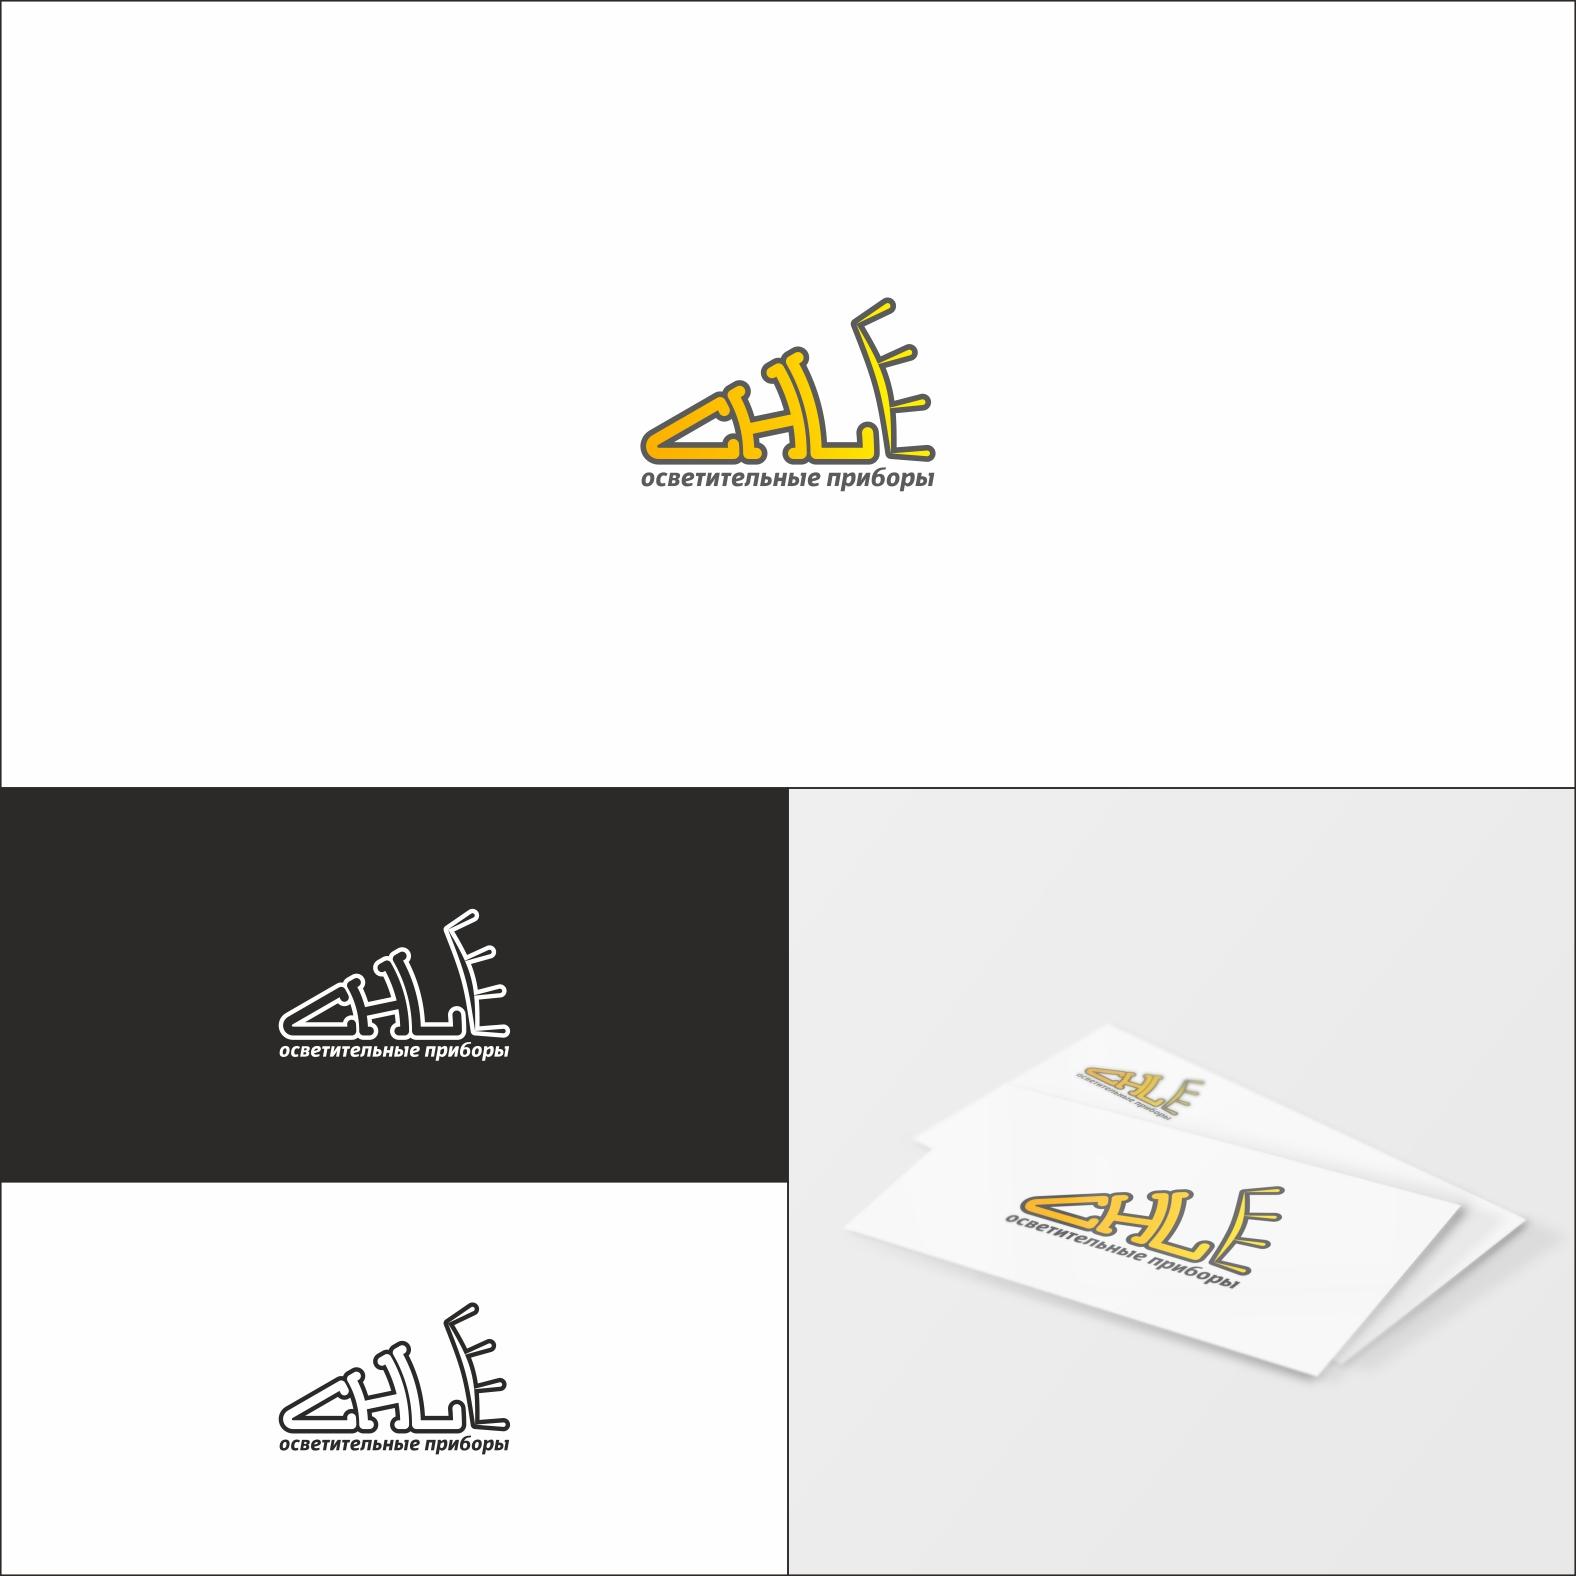 разработка логотипа для производителя фар фото f_0965f5a92083d89e.jpg